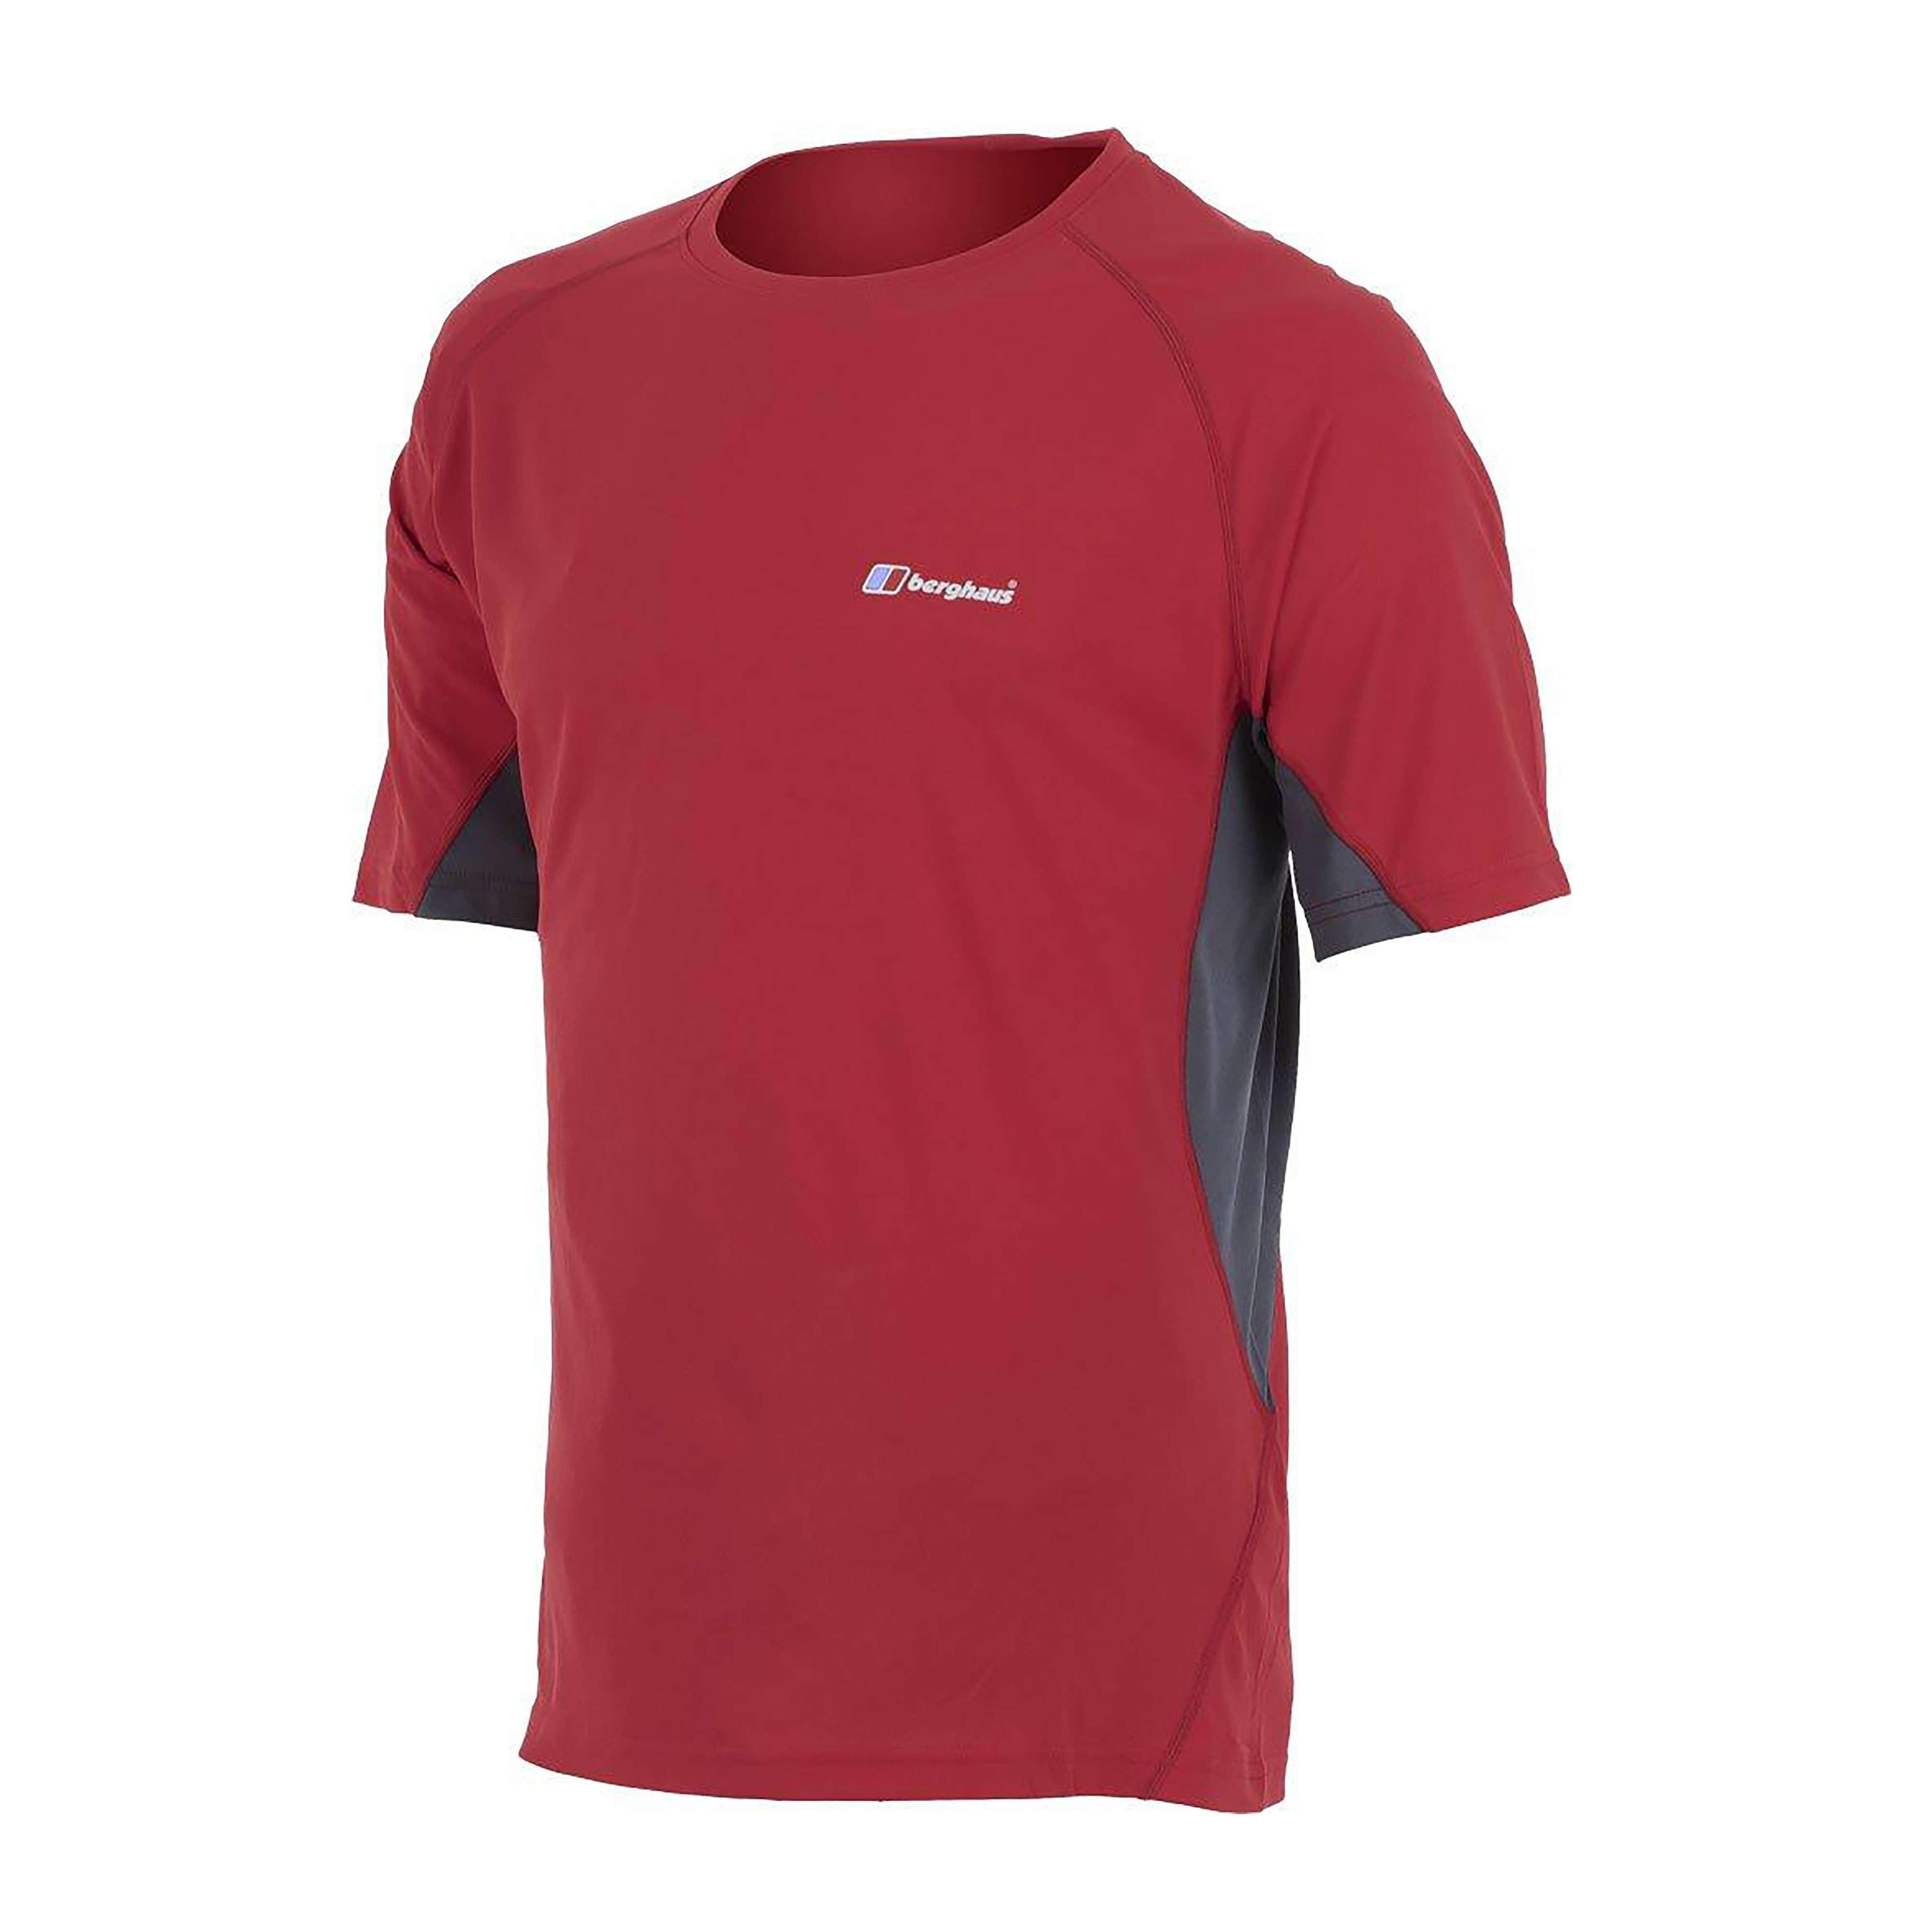 BERGHAUS Men's Tech Crew T-Shirt